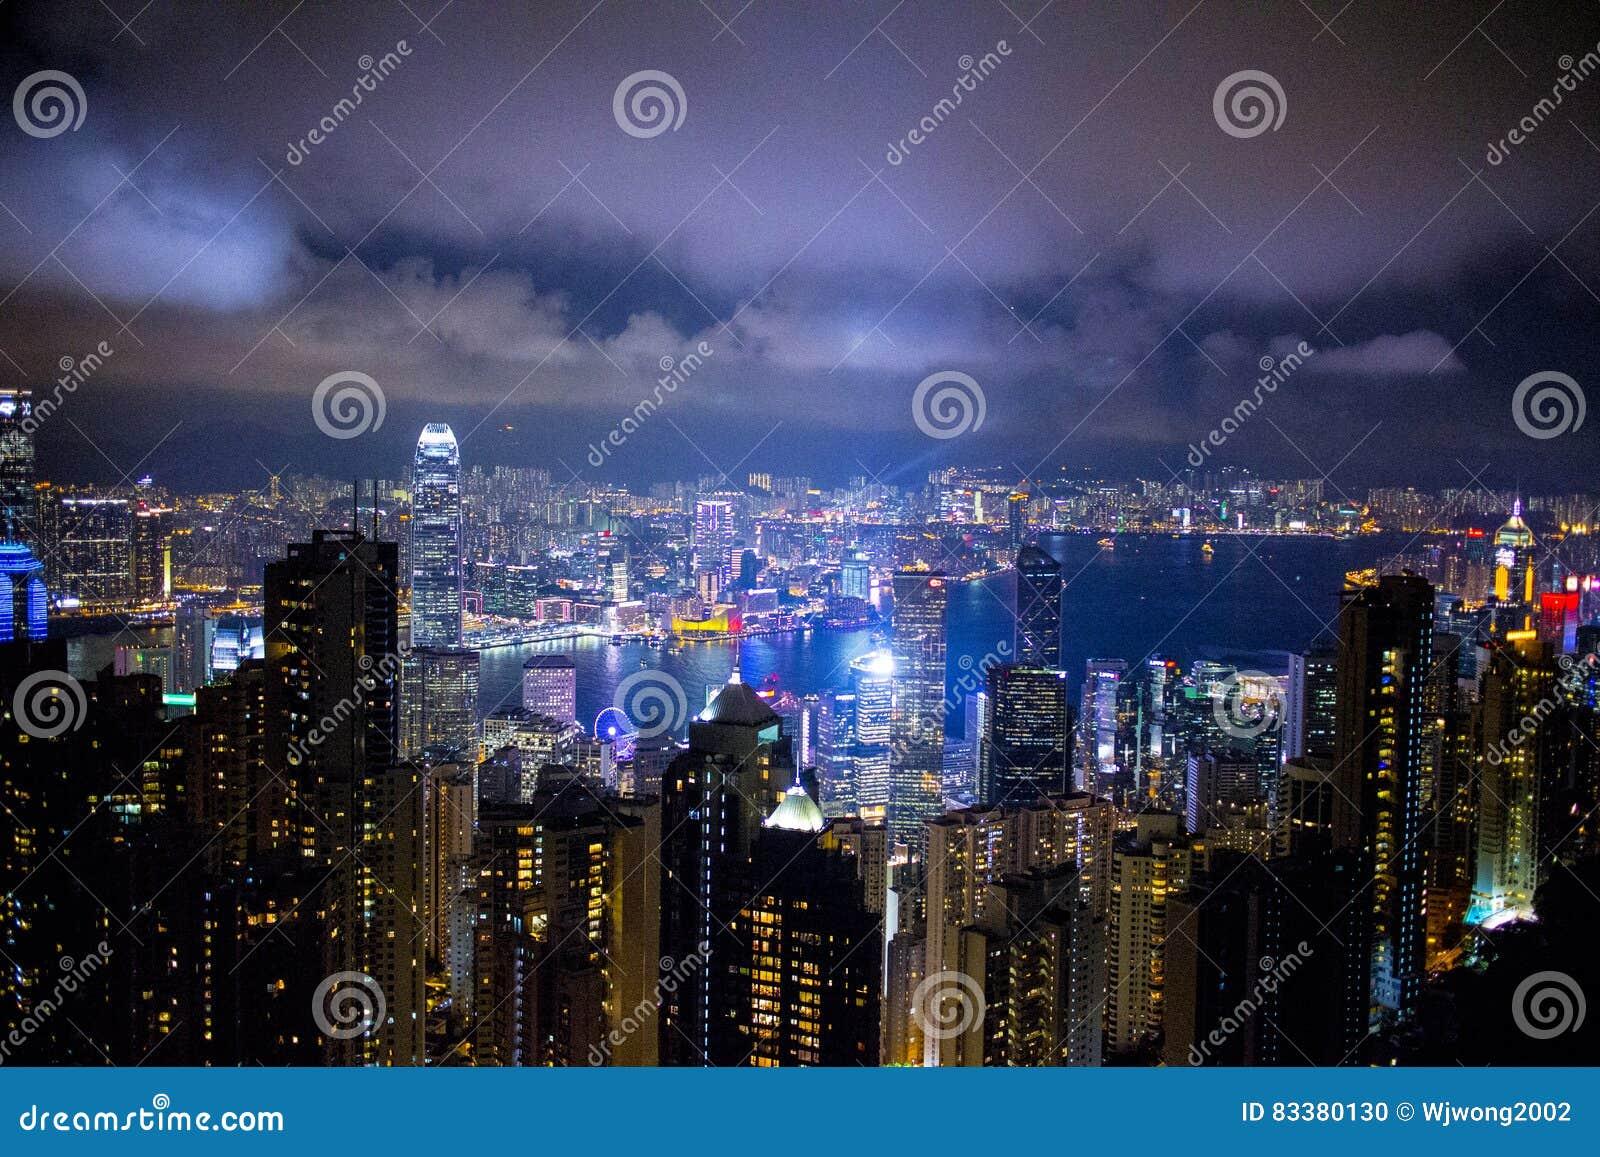 Hong Kong maximum